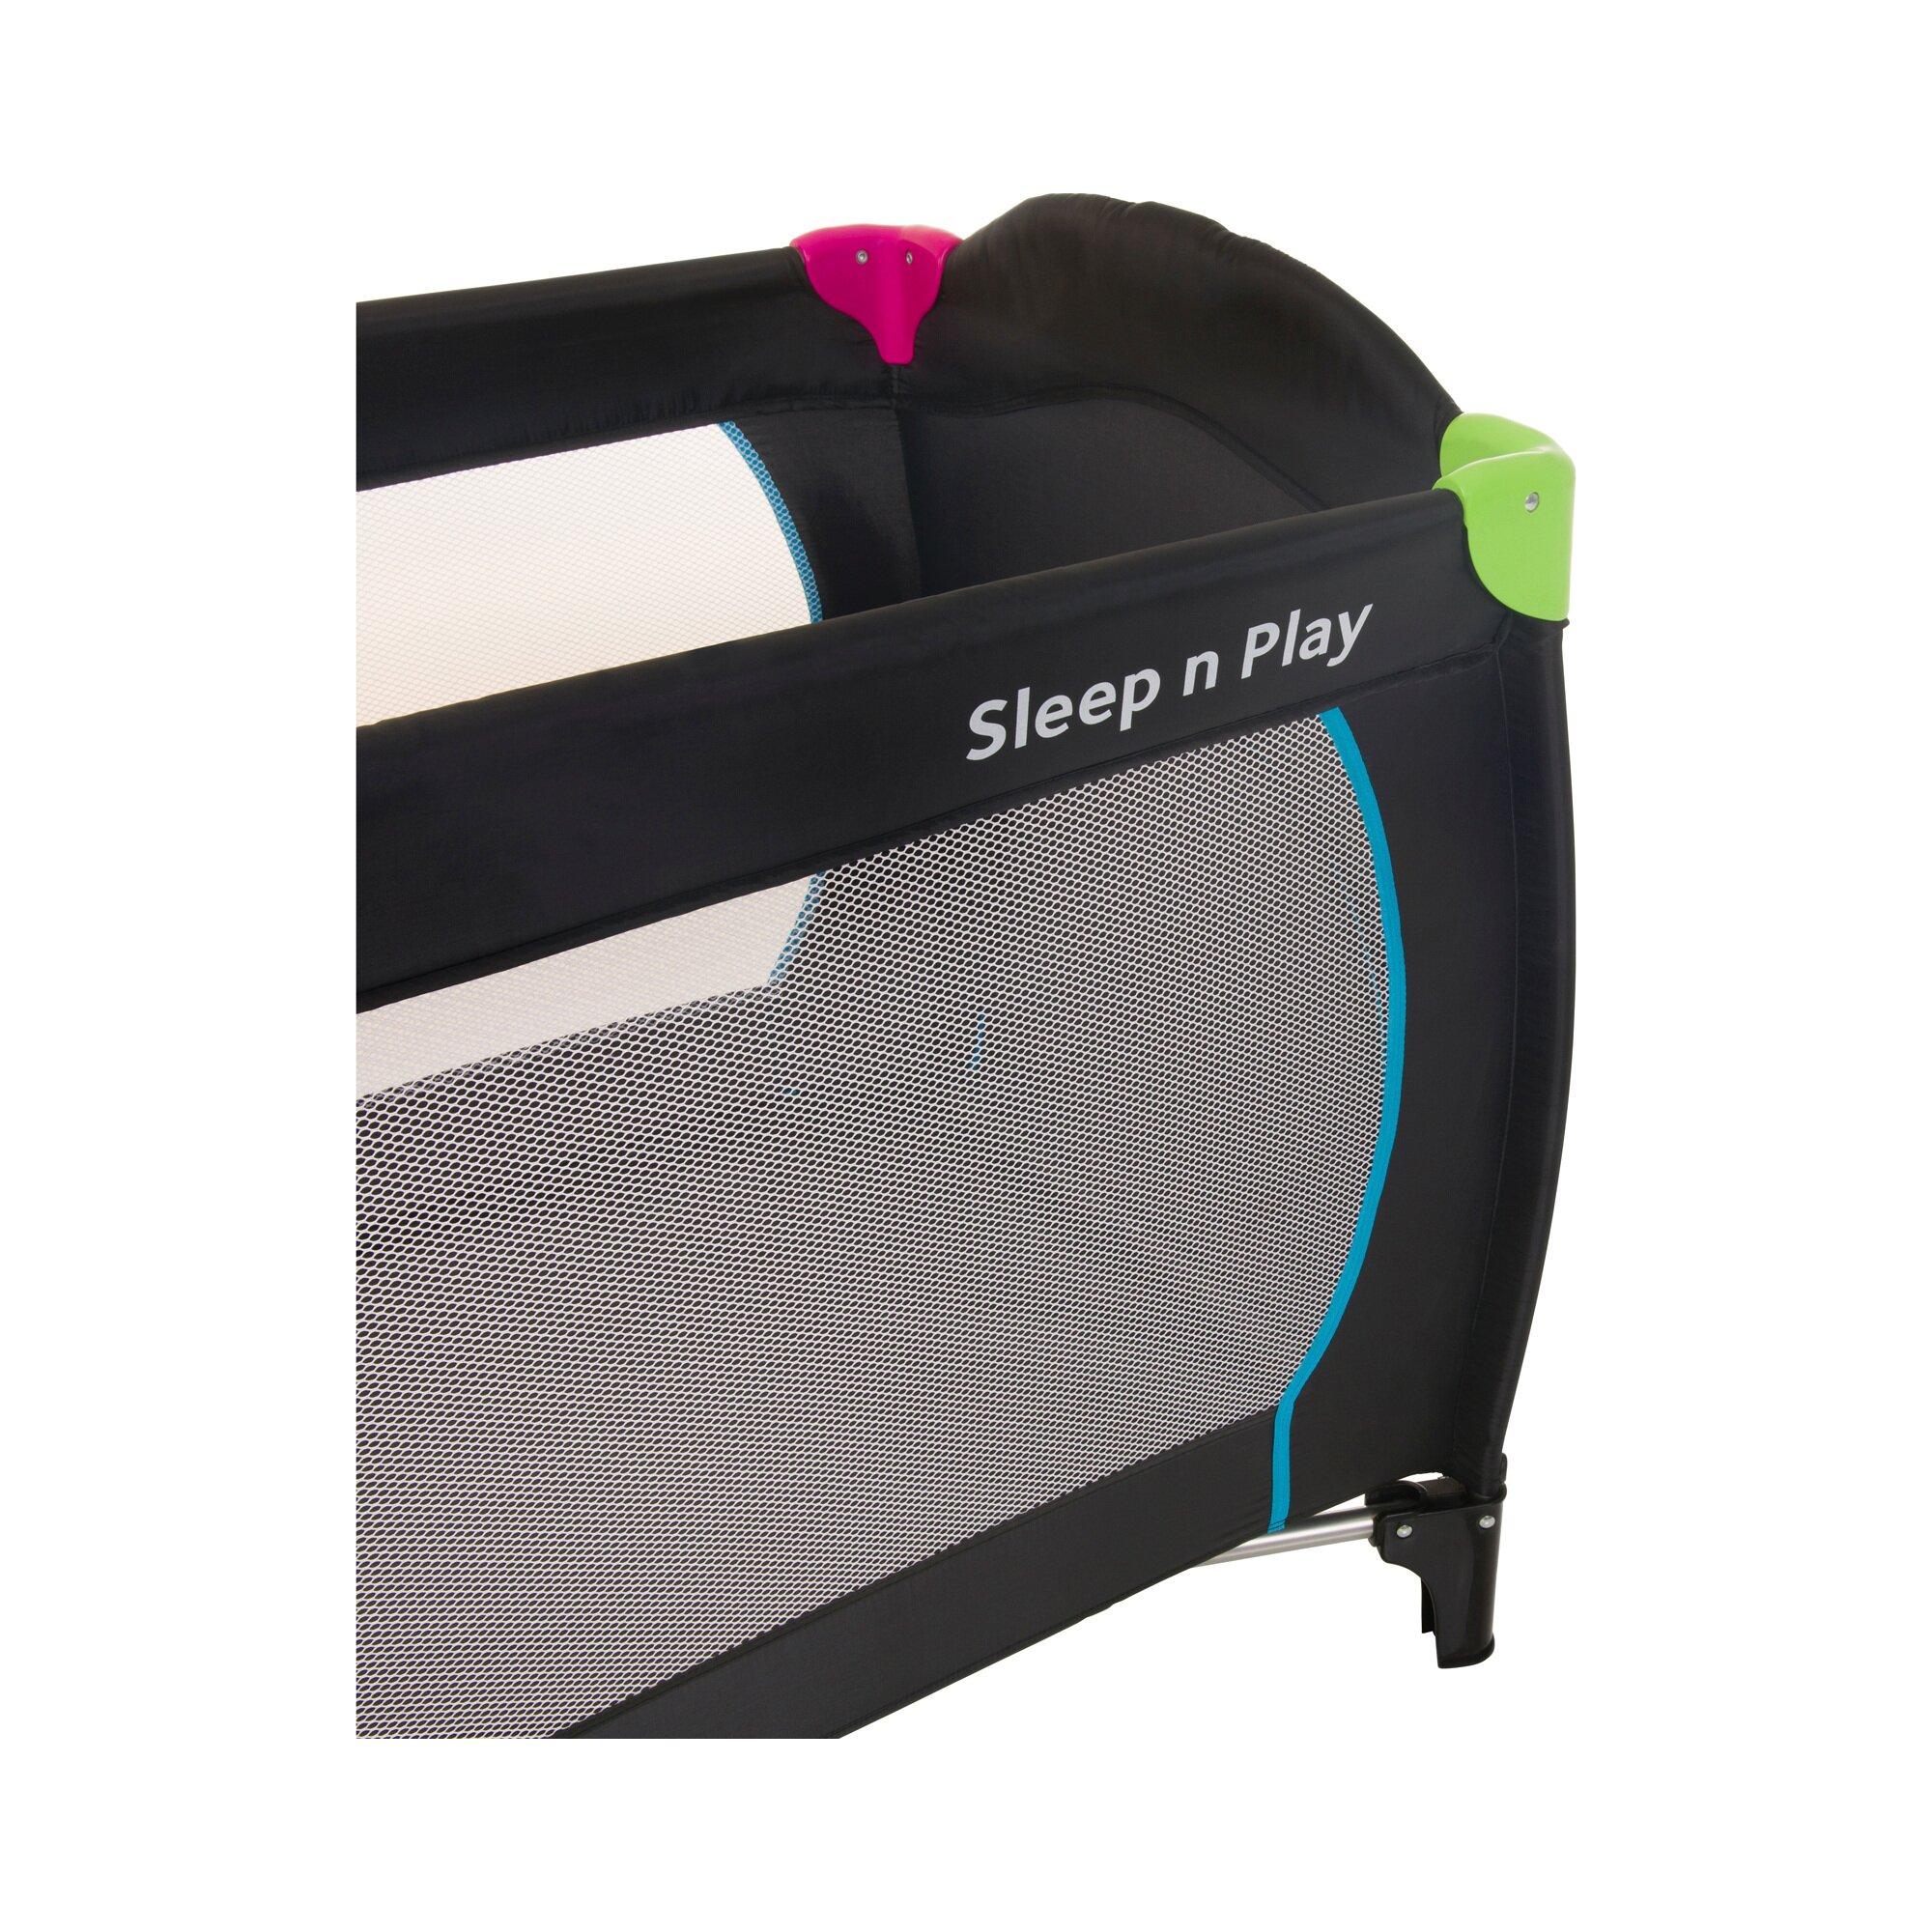 hauck-reisebett-sleep-n-play-go-plus-mehrfarbig